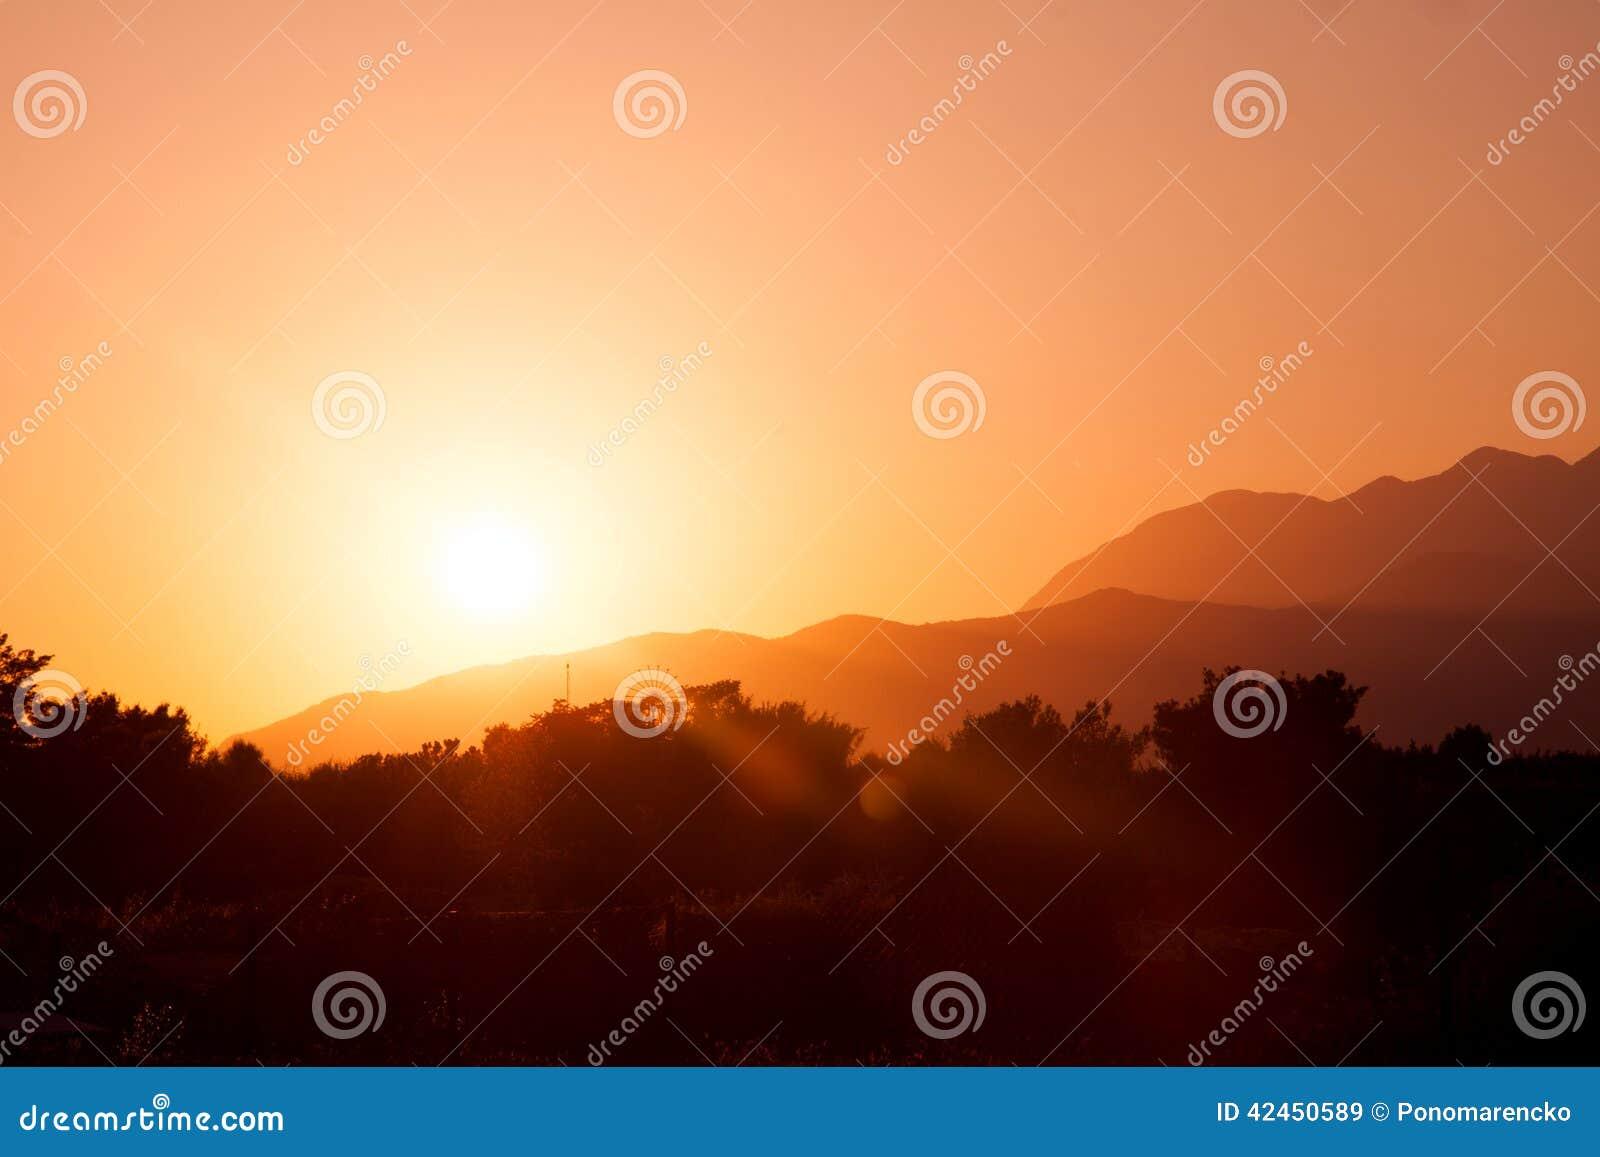 Entwurfsfoto der Sonne einstellend über Berge